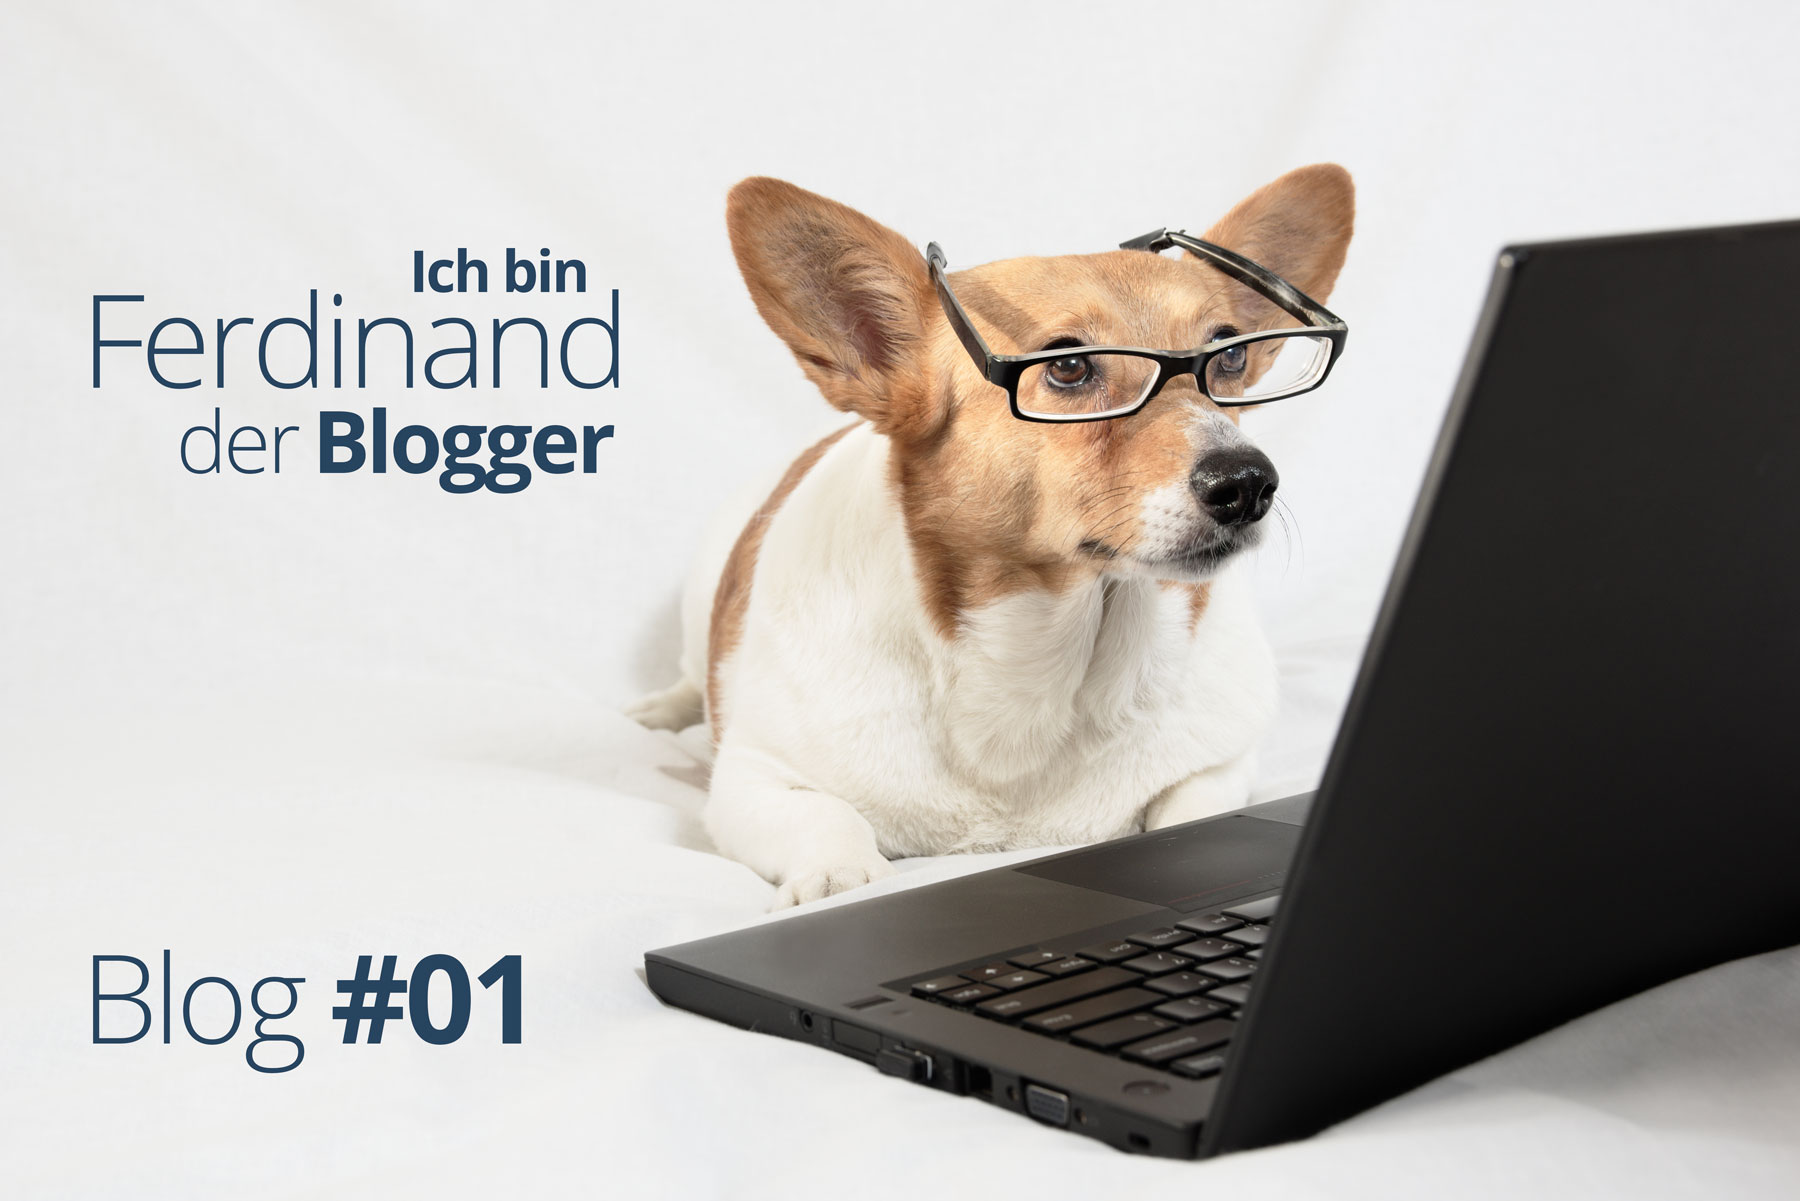 Ferdinand der Blogger – Ein Hund packt aus #01